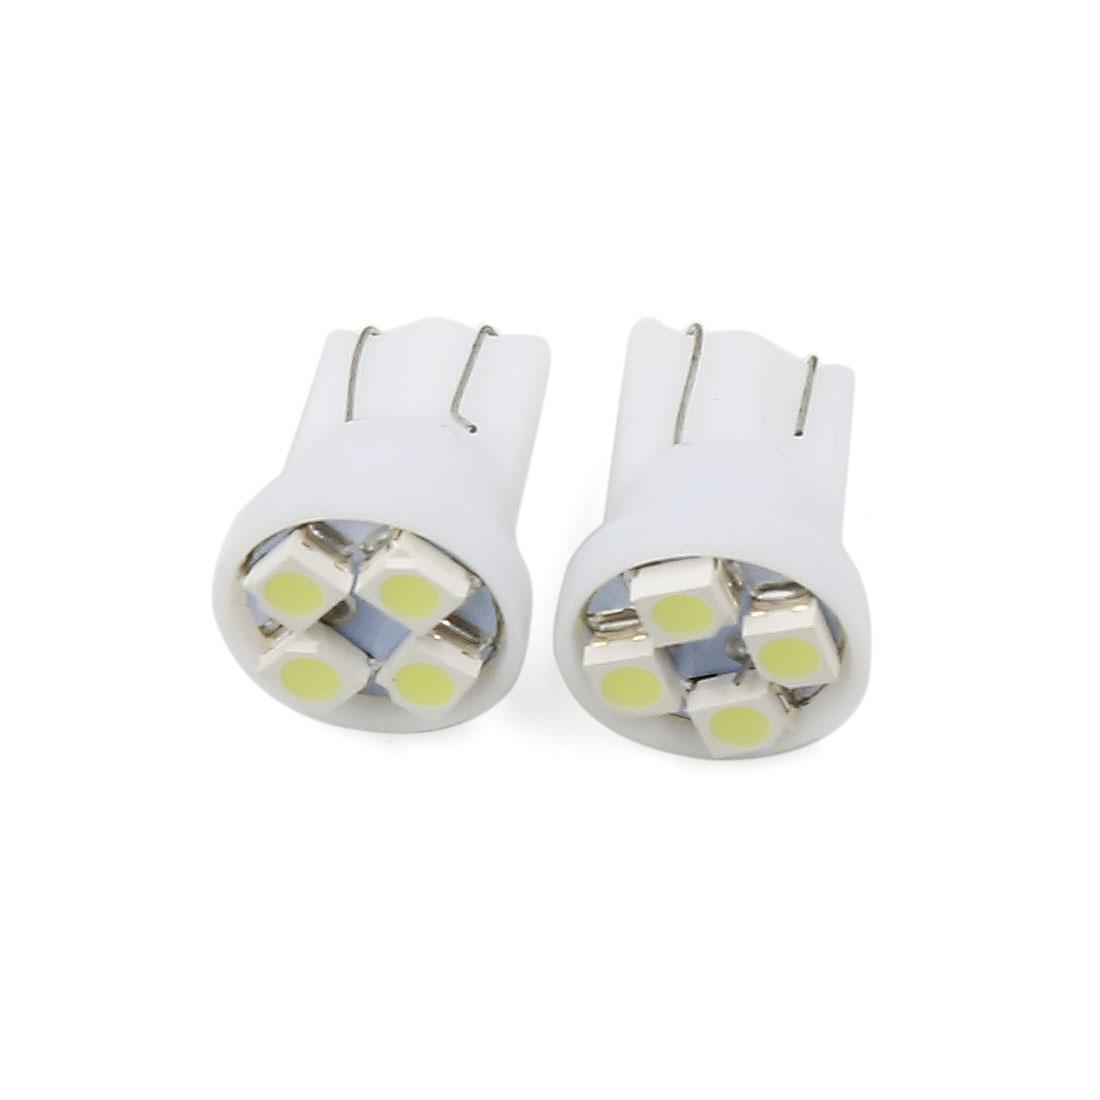 Pair T10 Socket 1210 SMD 4 LED Bulbs Side Marker Wedge Light White Interior